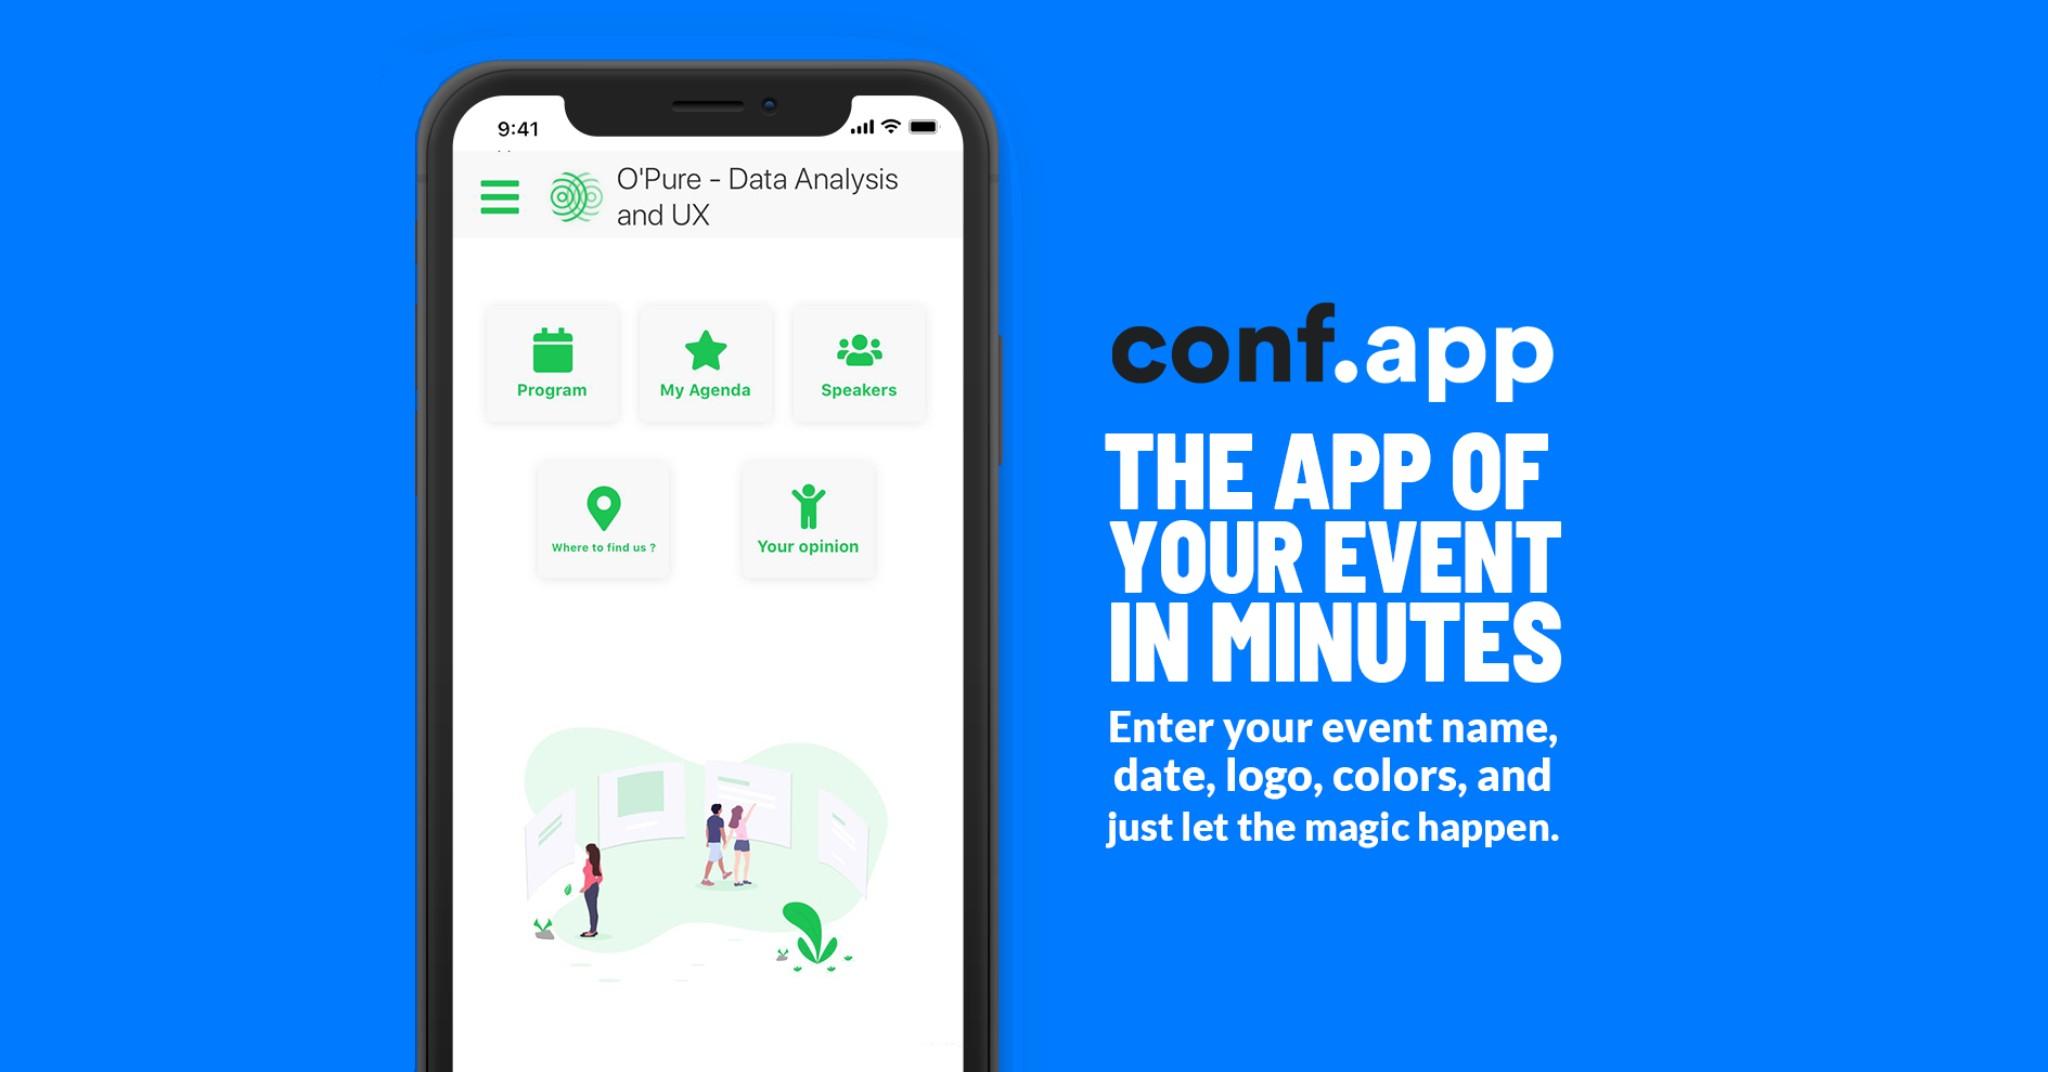 Conf.app